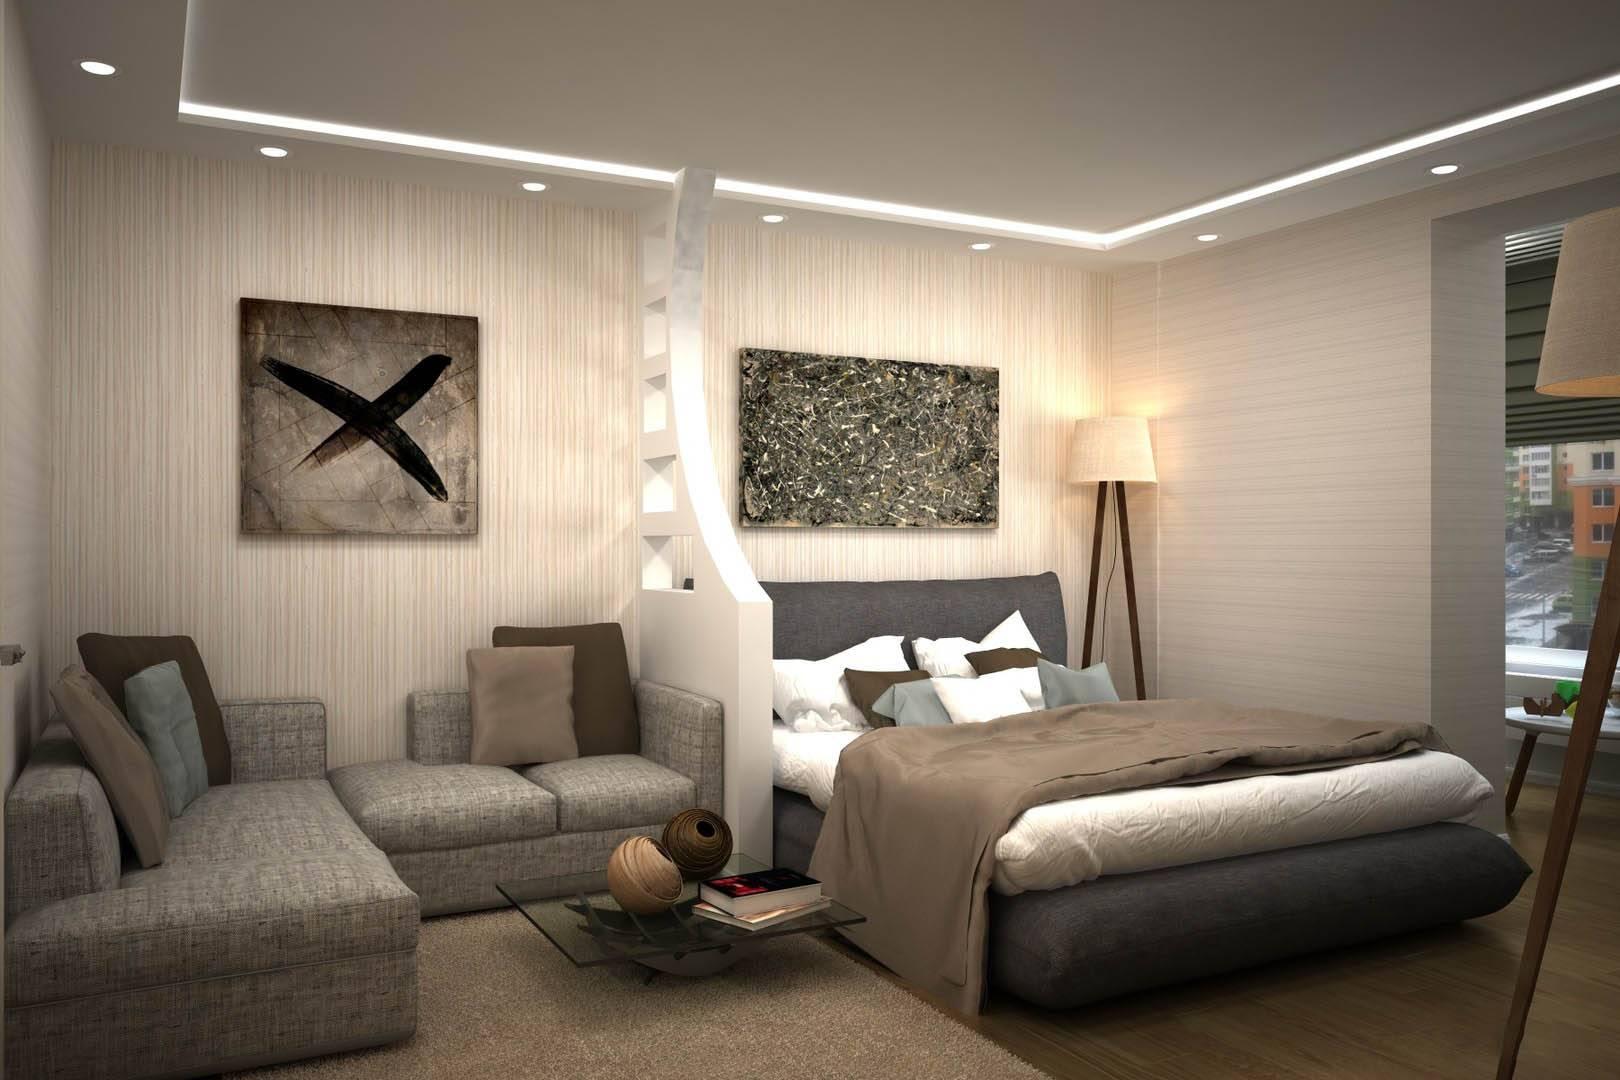 Вопросы дизайна интерьера: если спальня и гостиная совмещены в одной комнате?